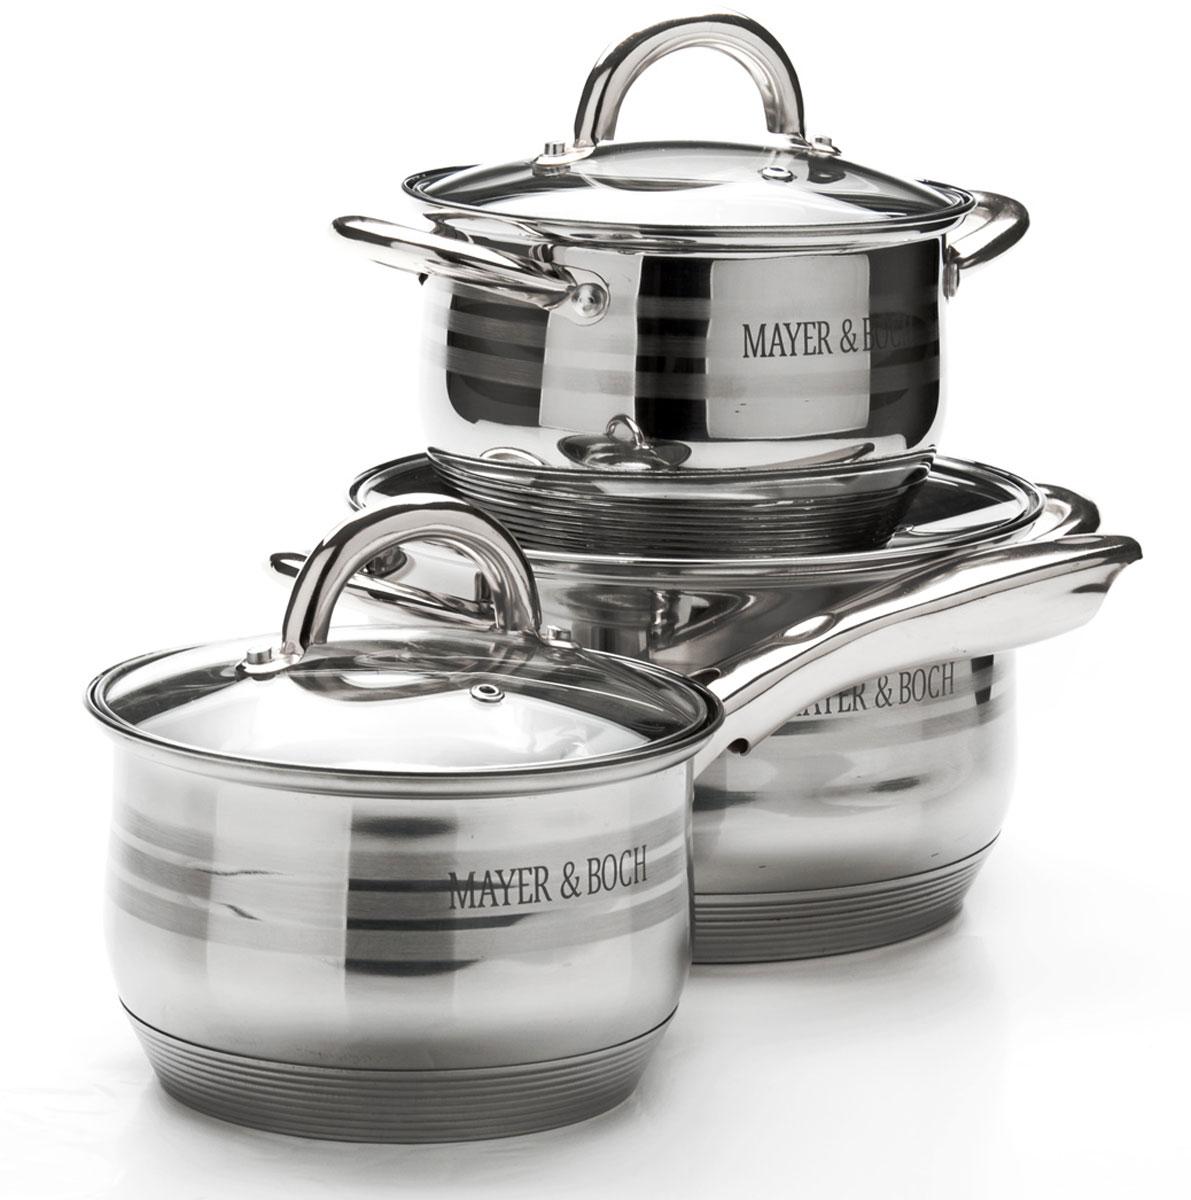 Набор посуды Mayer & Boch, 6 предметов. 2566725667Набор посуды станет отличным дополнением к набору кухонной утвари. С его приобретением приготовление ваших любимых блюд перейдет на качественно новый уровень и вы сможете воплотить в жизнь любые кулинарные идеи. В комплект входят 6 предметов: ковш (объем 2,1 л), 2 кастрюли (объем 2,1/ 3,9), 3 крышки. Набор многофункционален и удобен в использовании, подойдет для варки супов, приготовления блюд из мяса и рыбы, гарниров, соусов т. д.